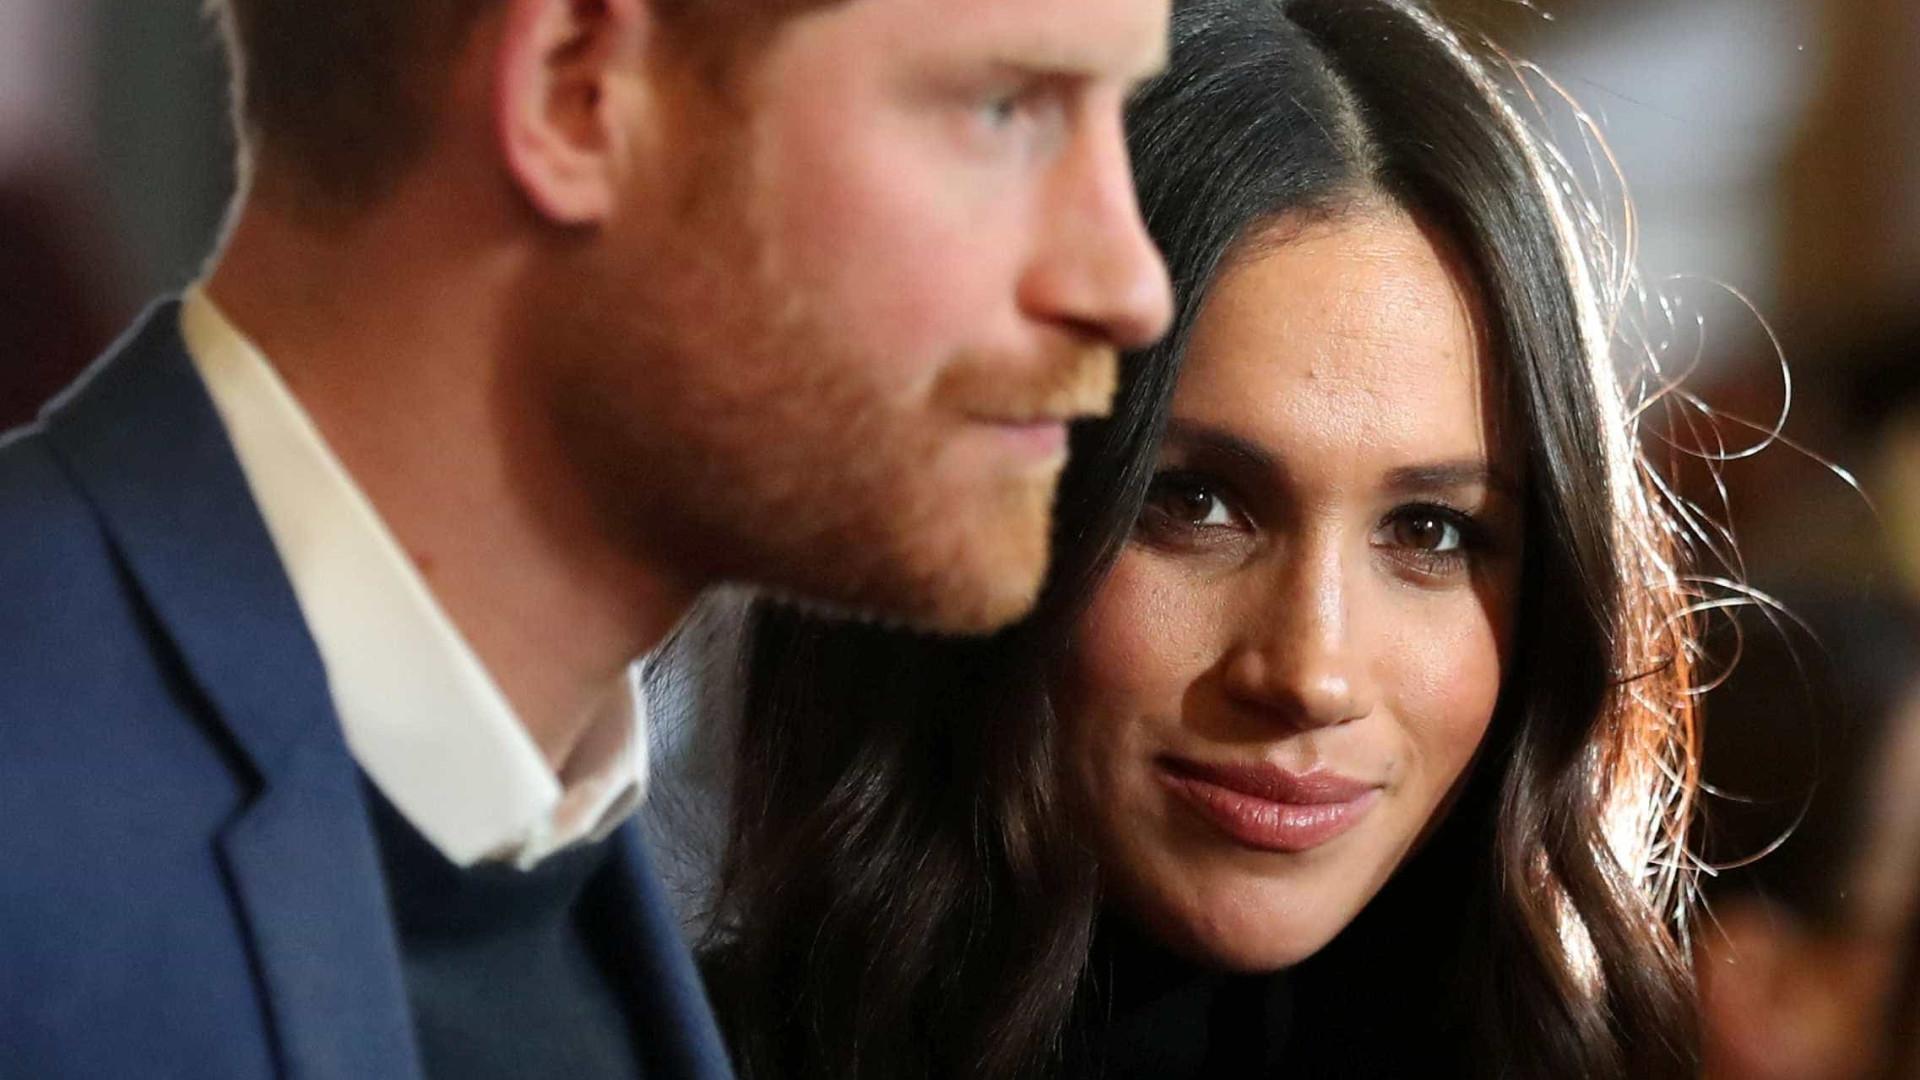 Polícia investiga carta com pó suspeito enviada ao príncipe Harry